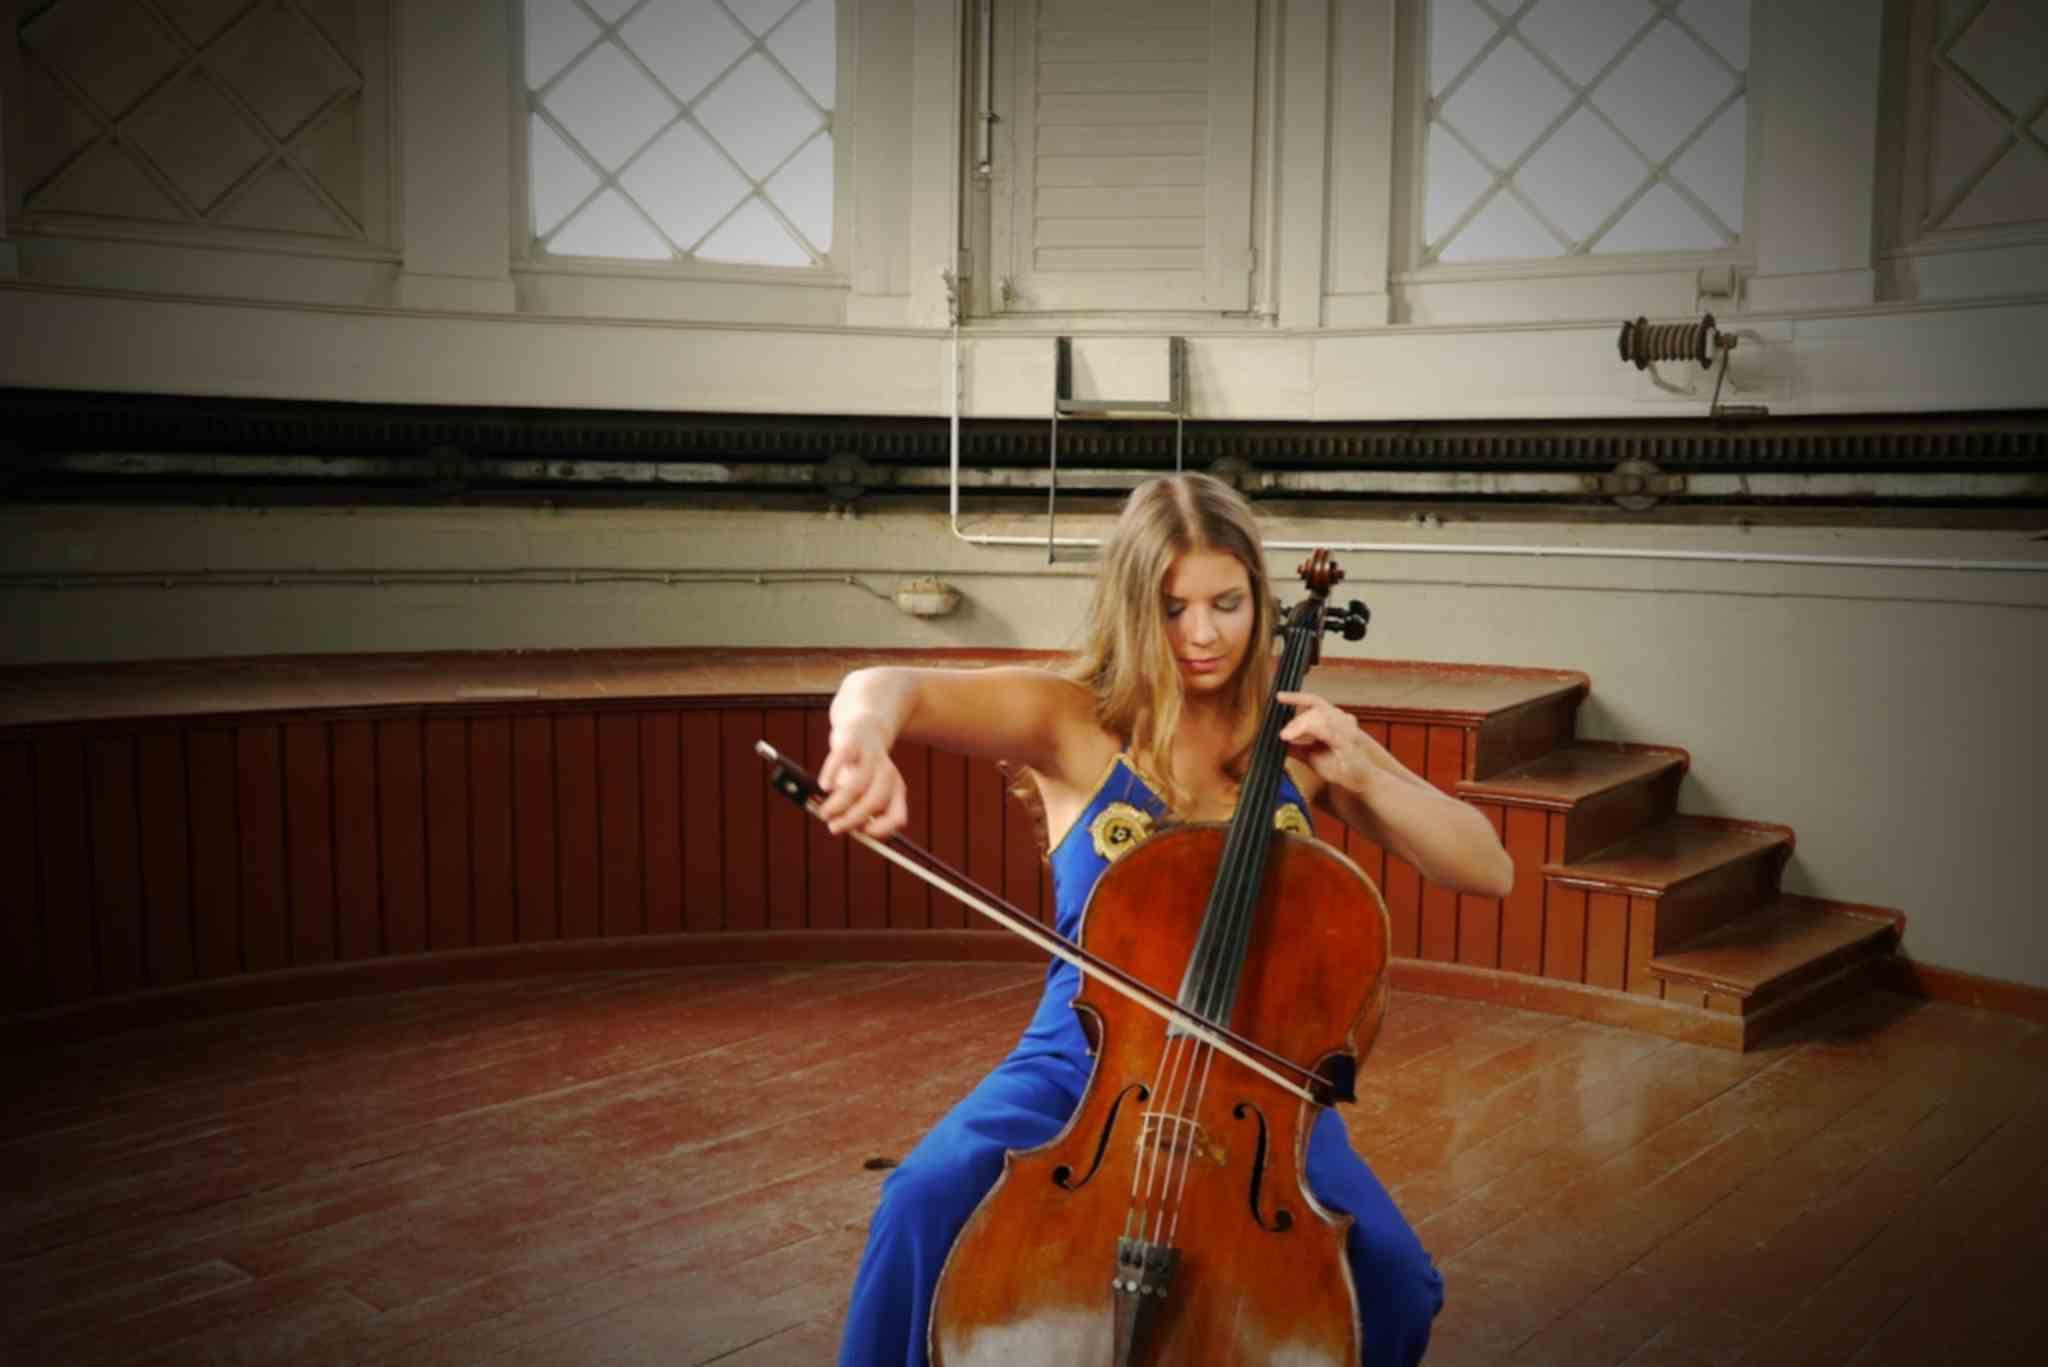 Sofia von Freydorf spielt Cello in einem blauen Kleid vor einer Bühne